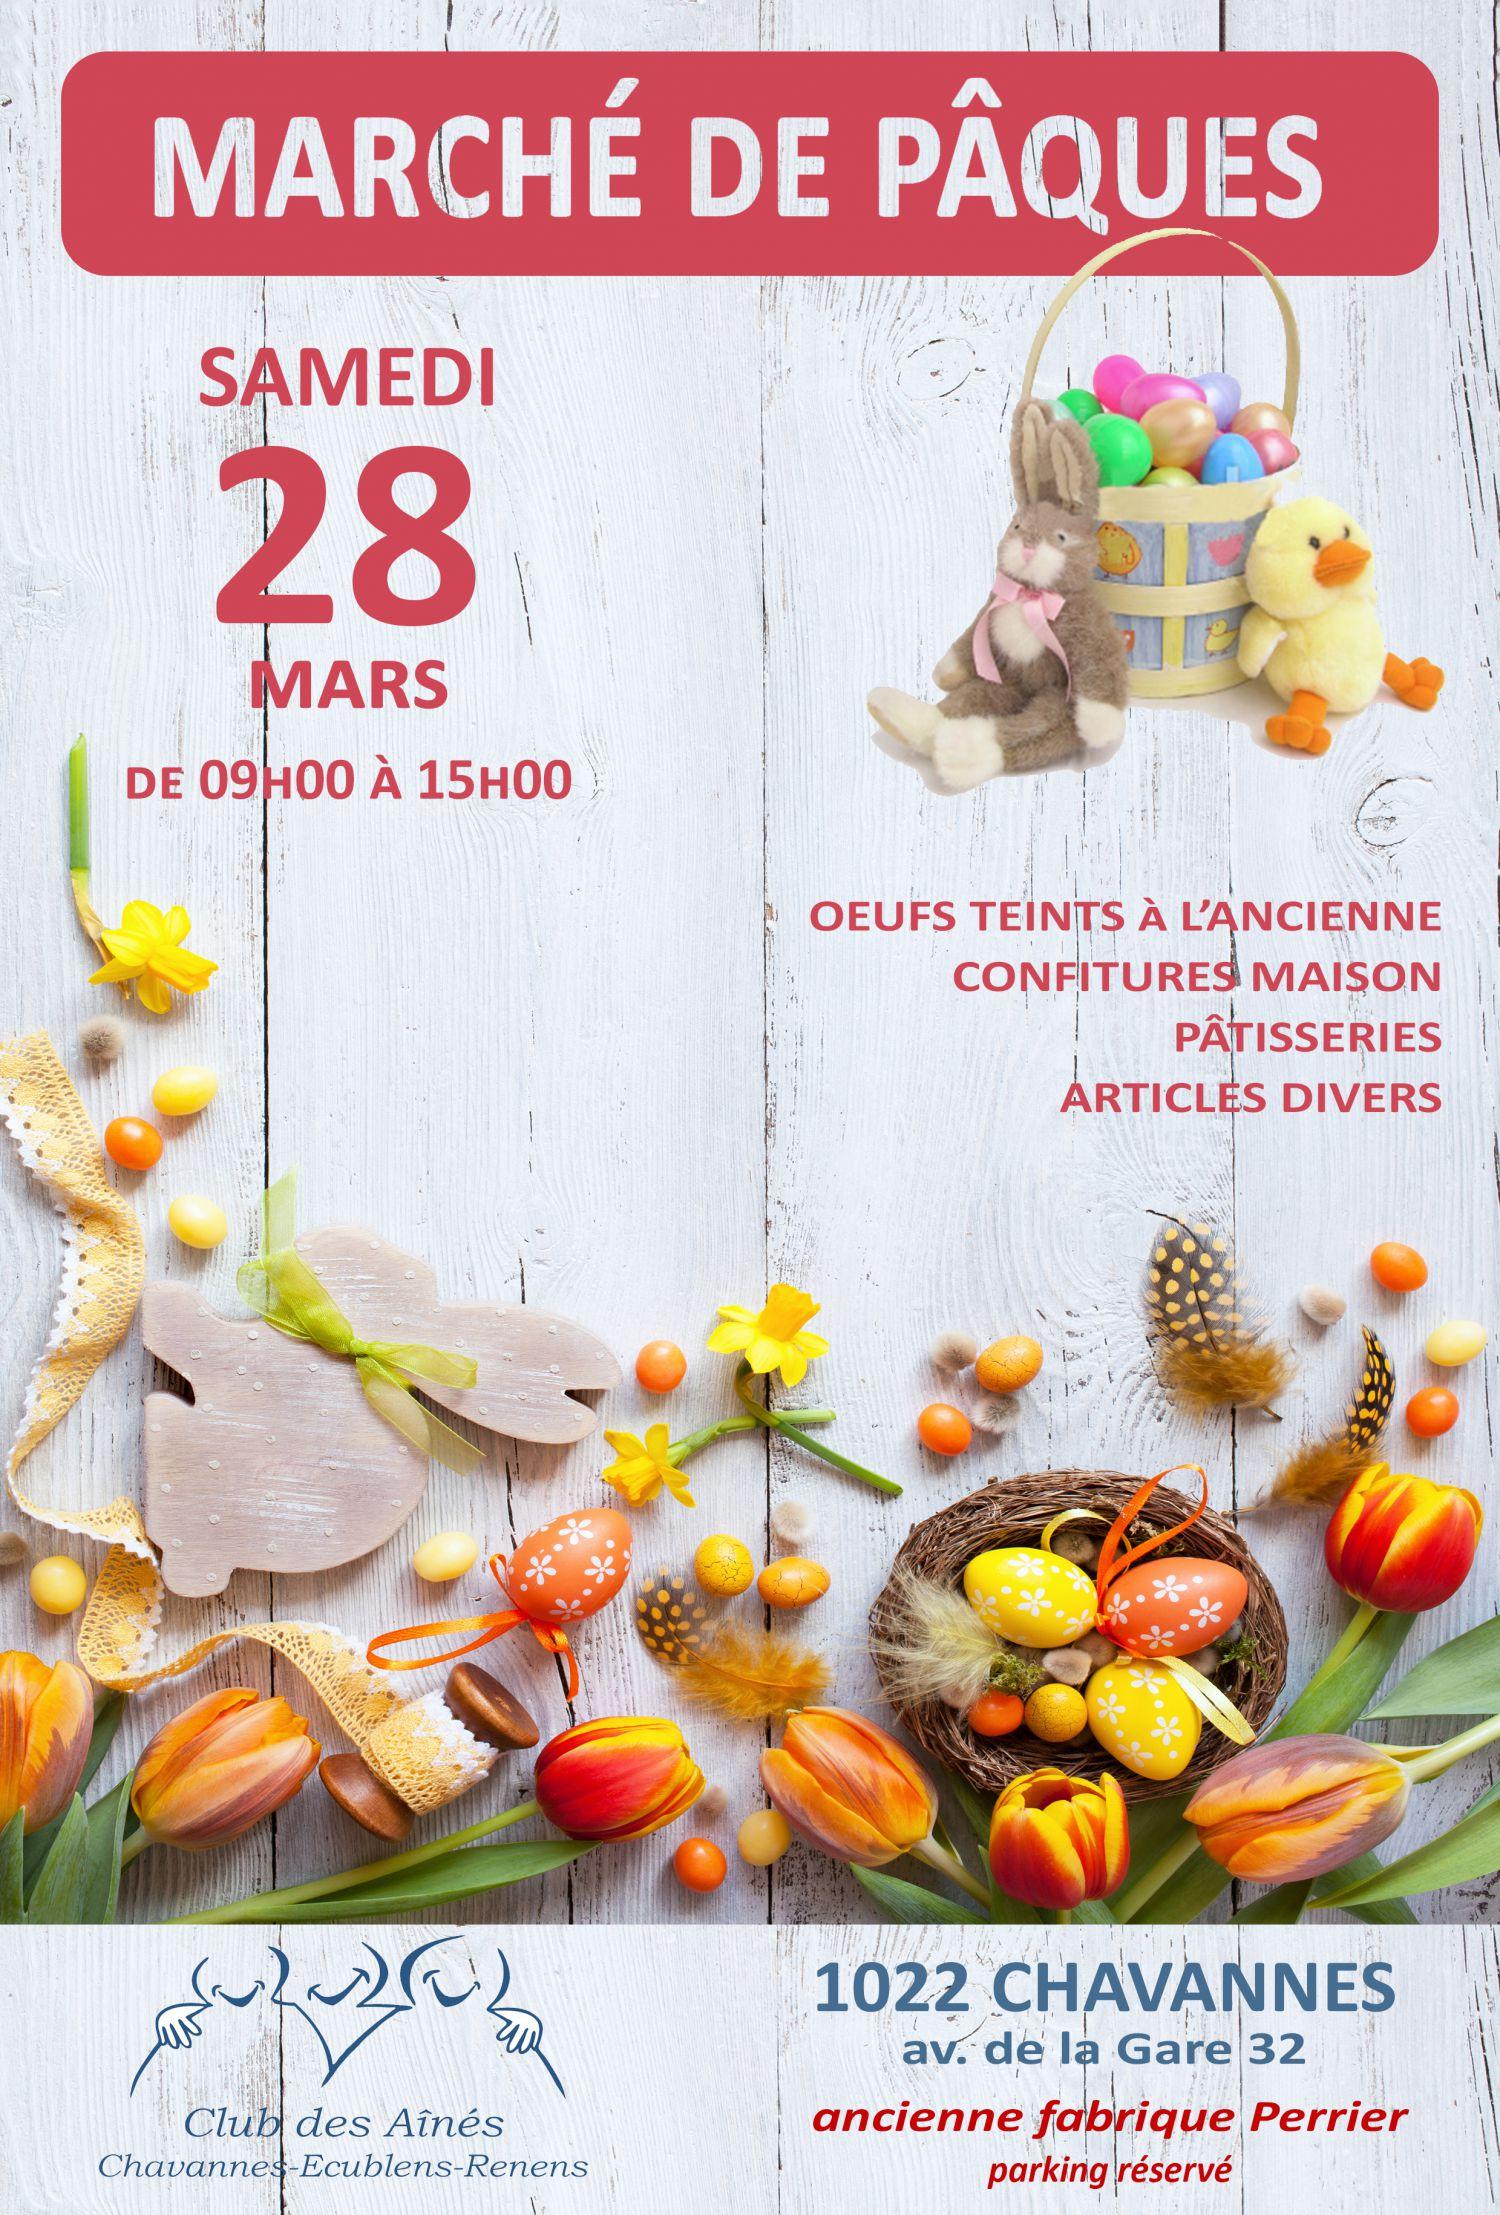 Marché de Pâques du Club des Aînés de Chavannes-Ecublens-Renens - ANNULÉ